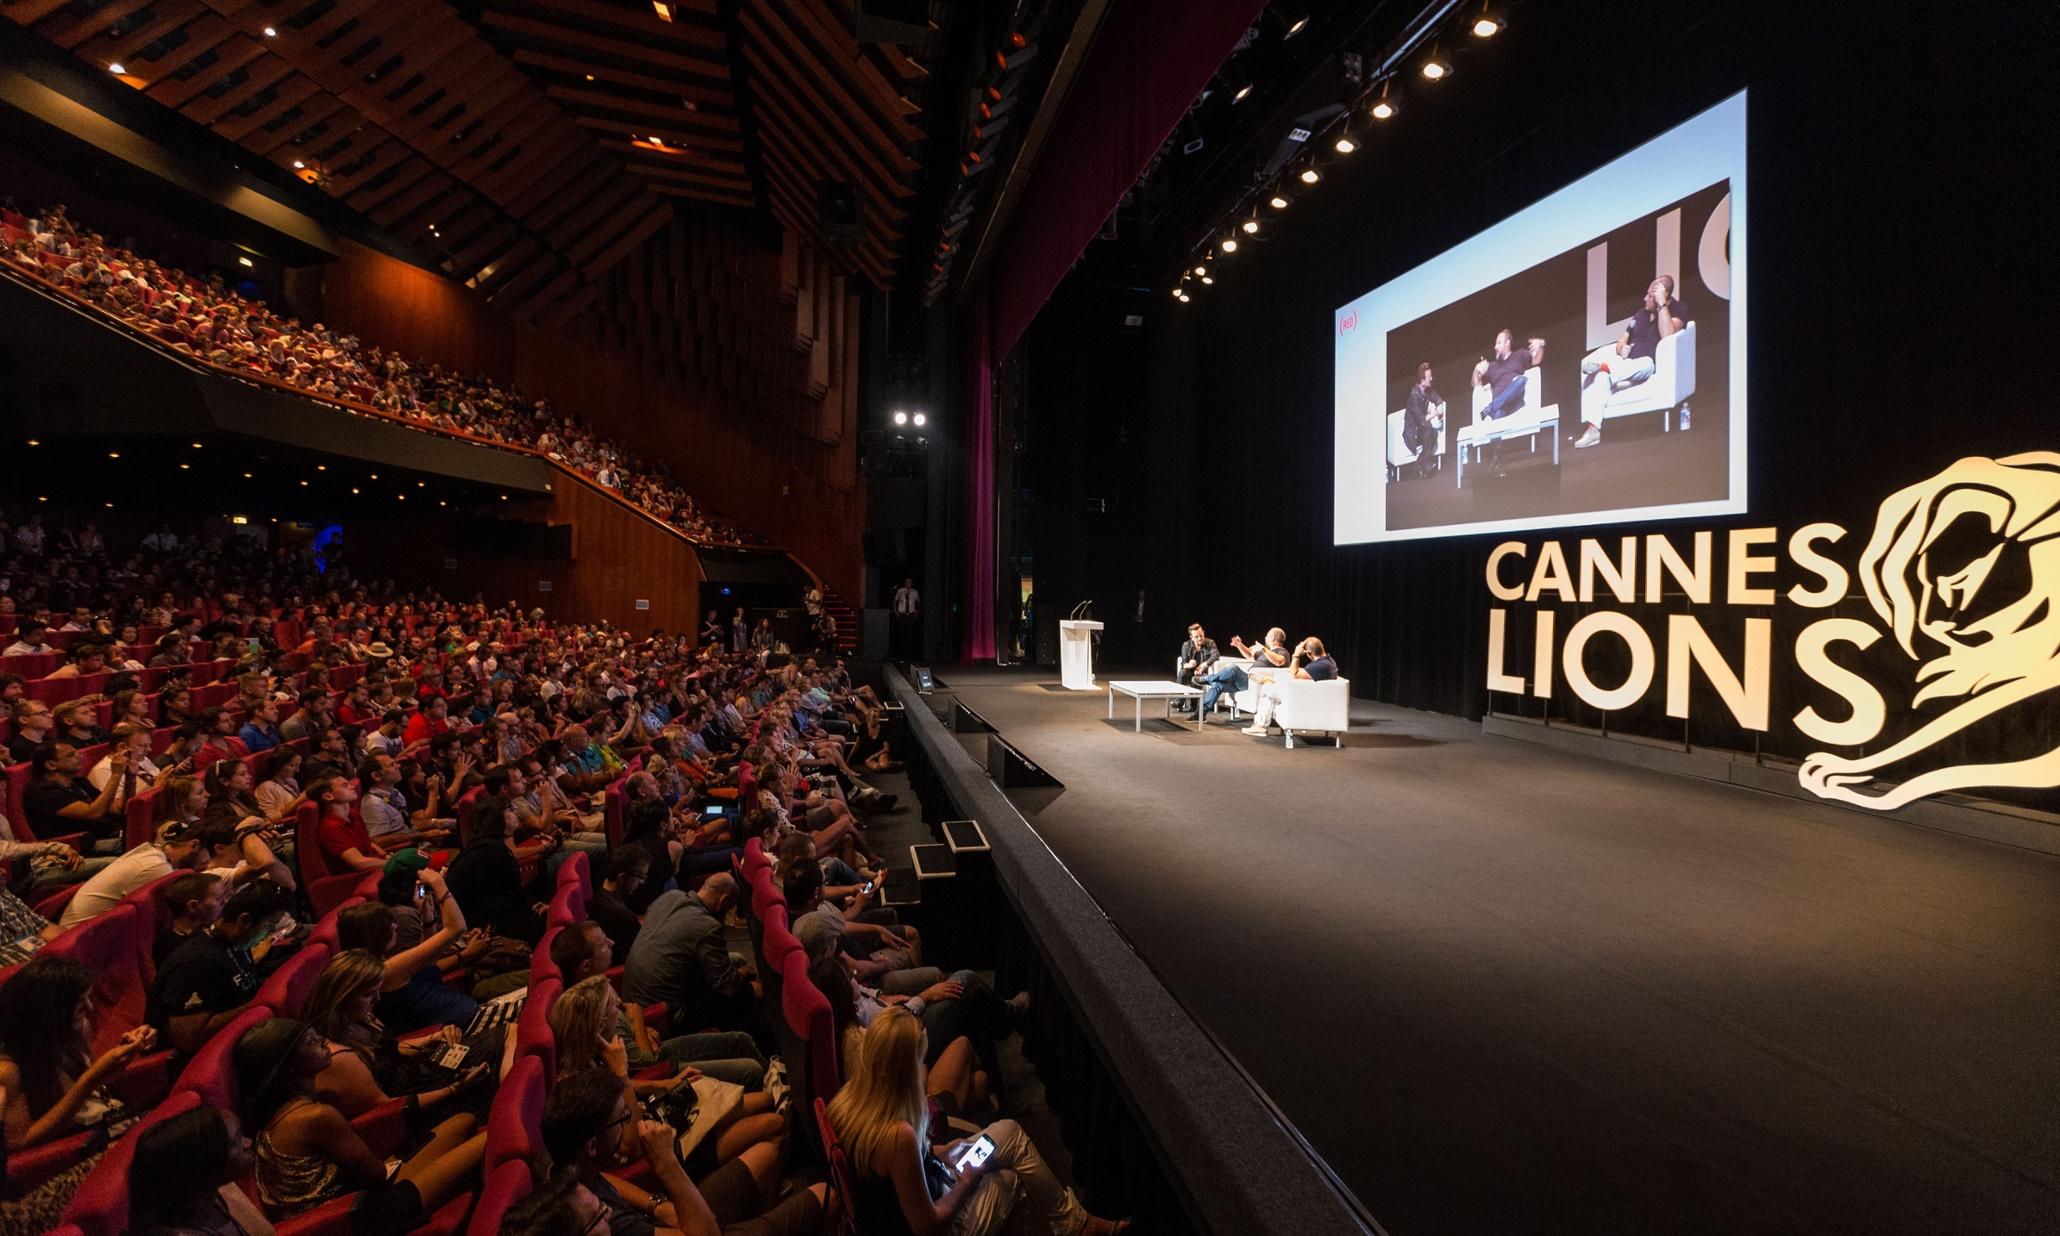 Cannes Lions – O Maior Festival De Publicidade Do Mundo